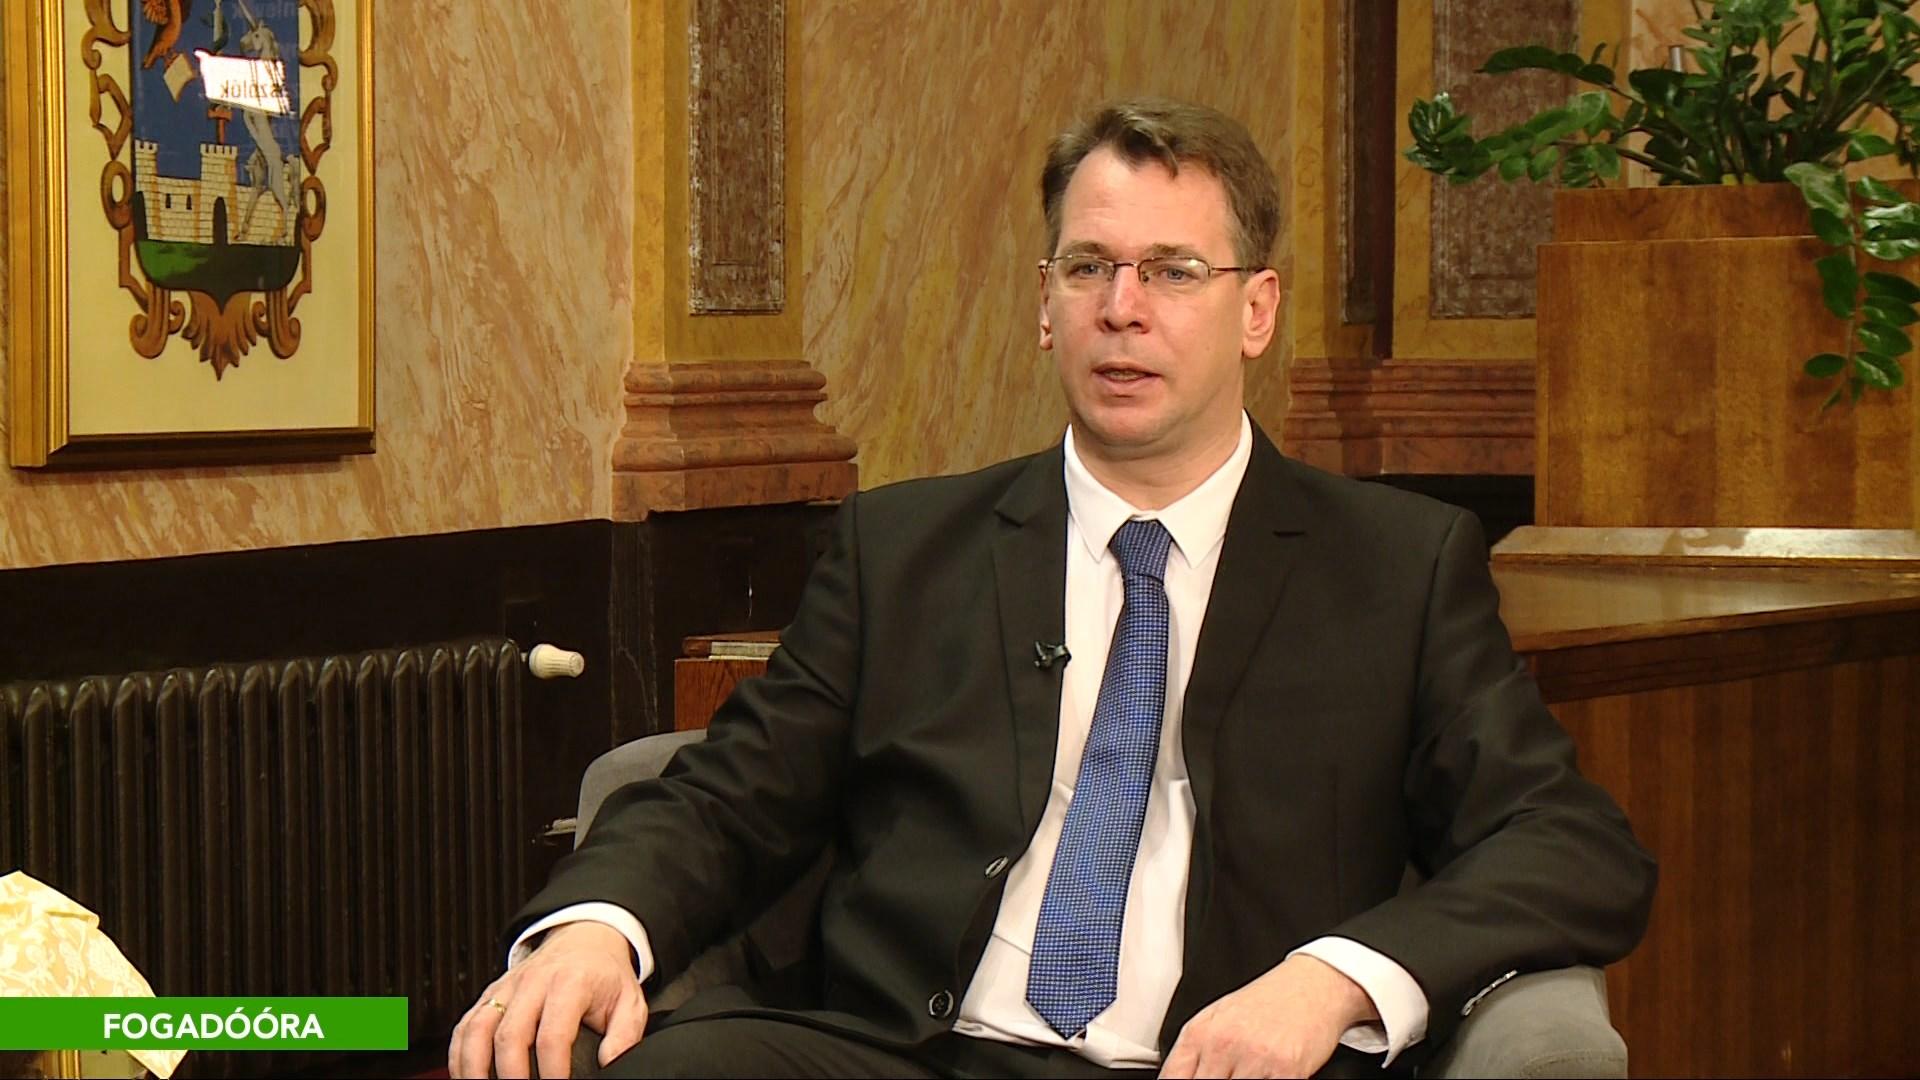 Évértékelő beszélgetés Mirkóczki Ádám polgármesterrel